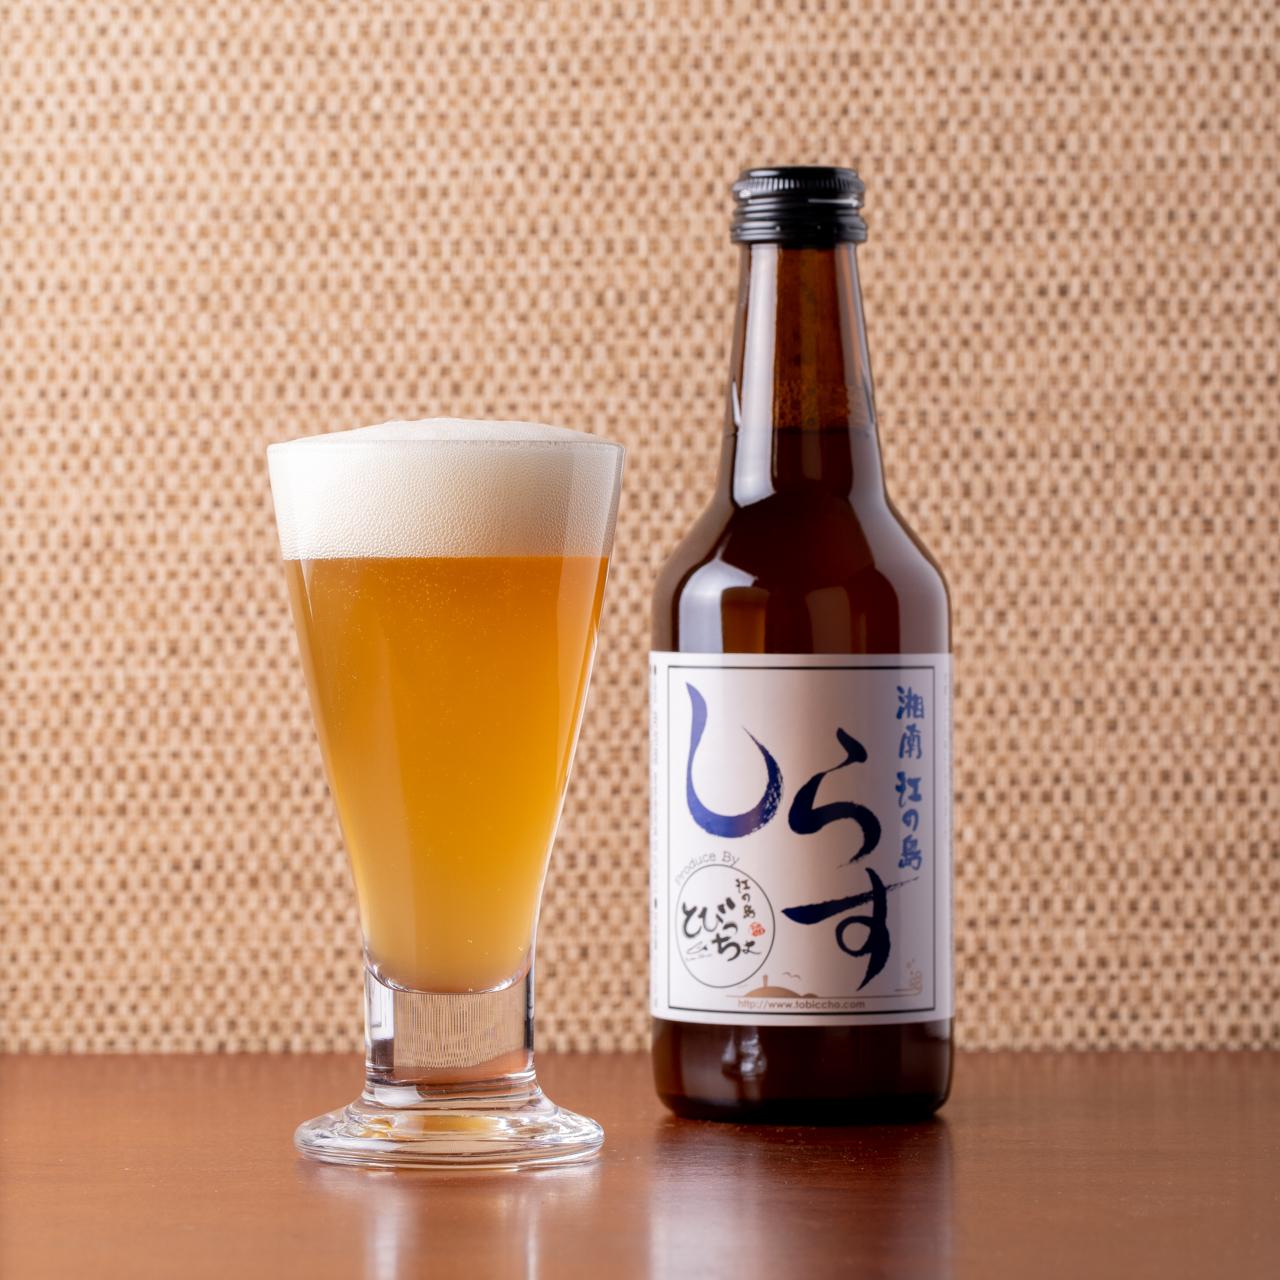 オリジナルビール3本セット